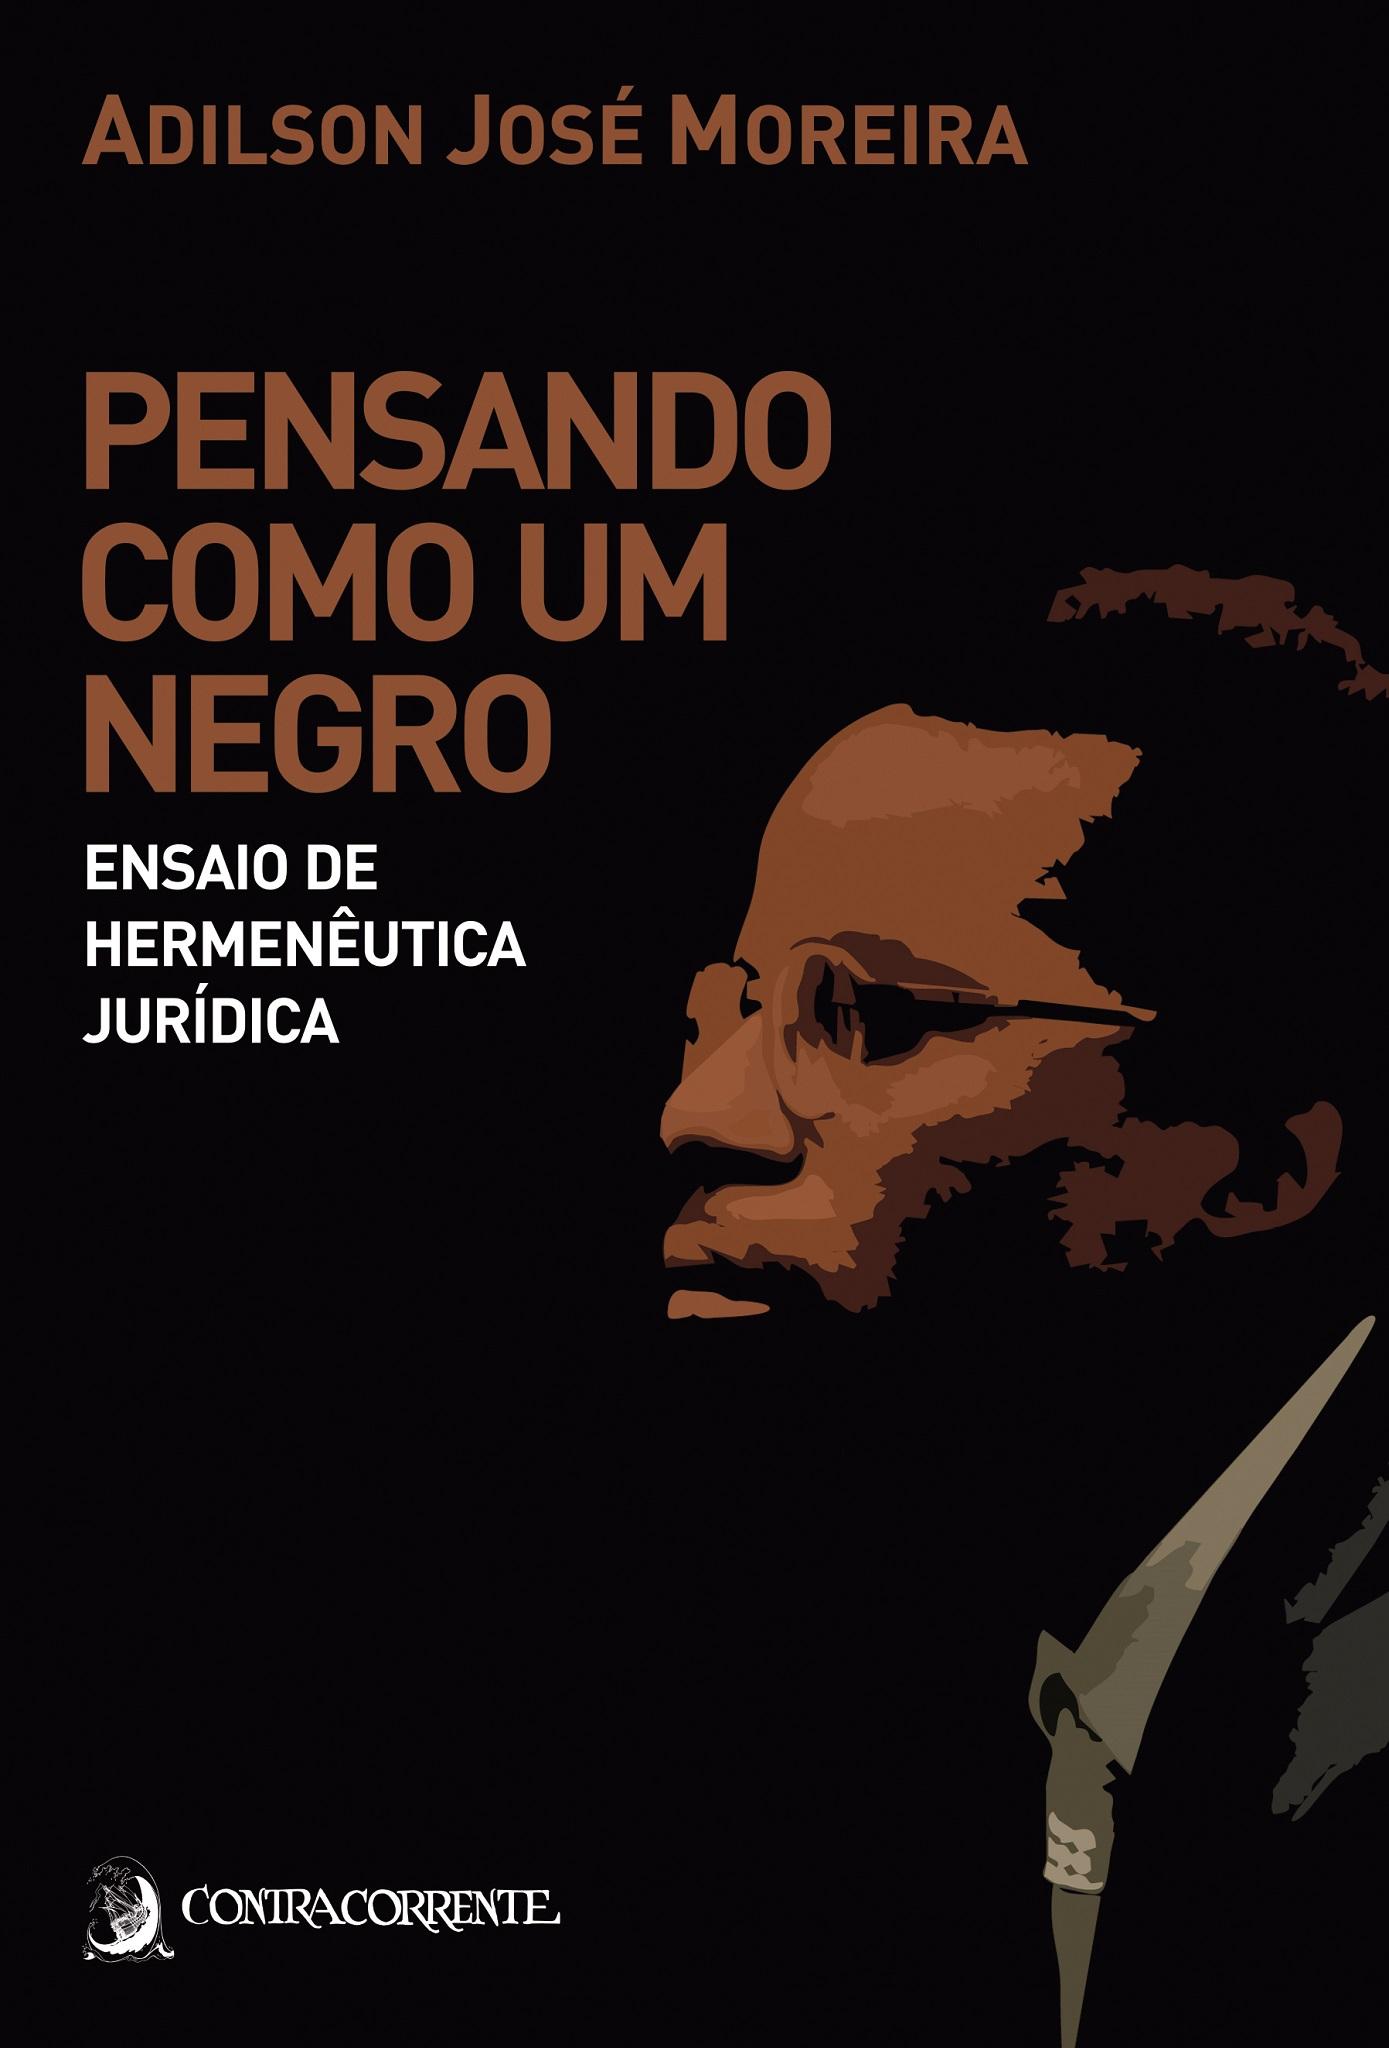 Pensando como um negro: ensaio de hermenêutica jurídica, livro de Adilson José Moreira